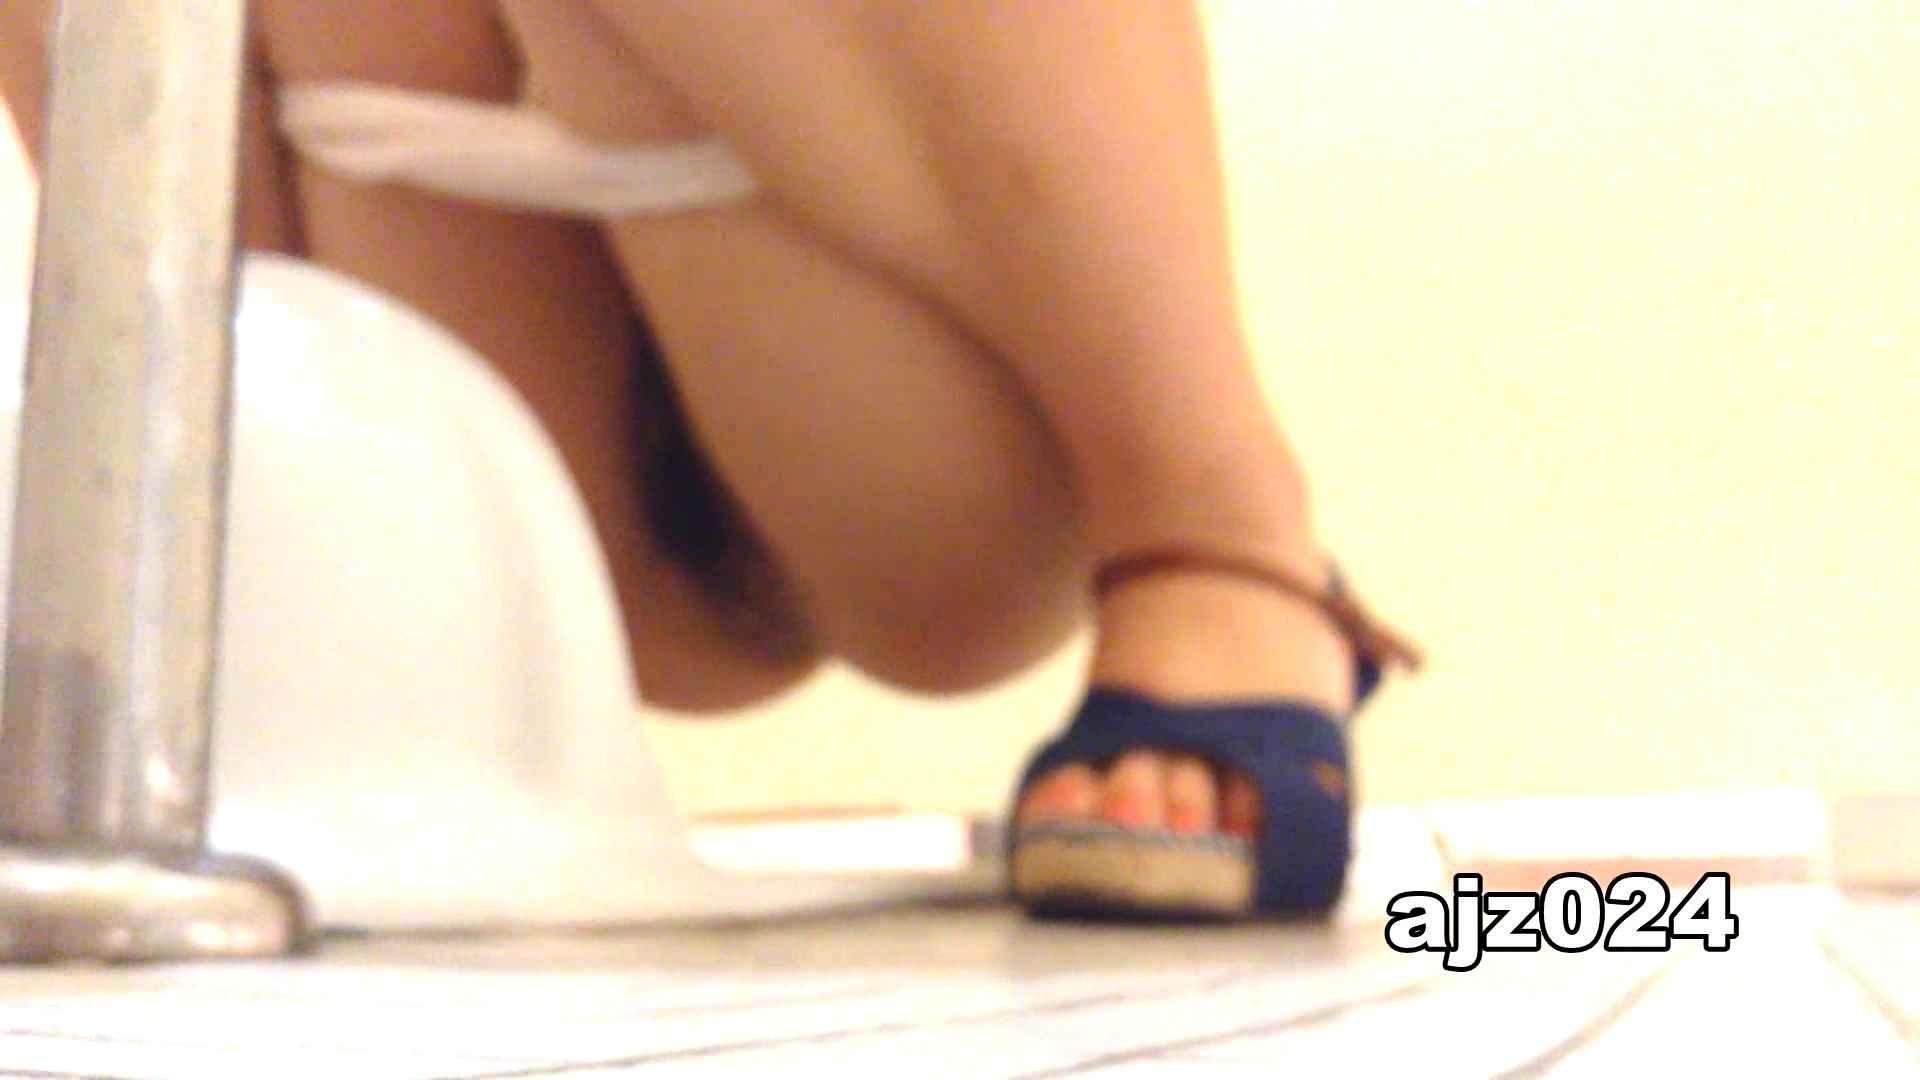 某有名大学女性洗面所 vol.24 OLセックス | 洗面所  59画像 13